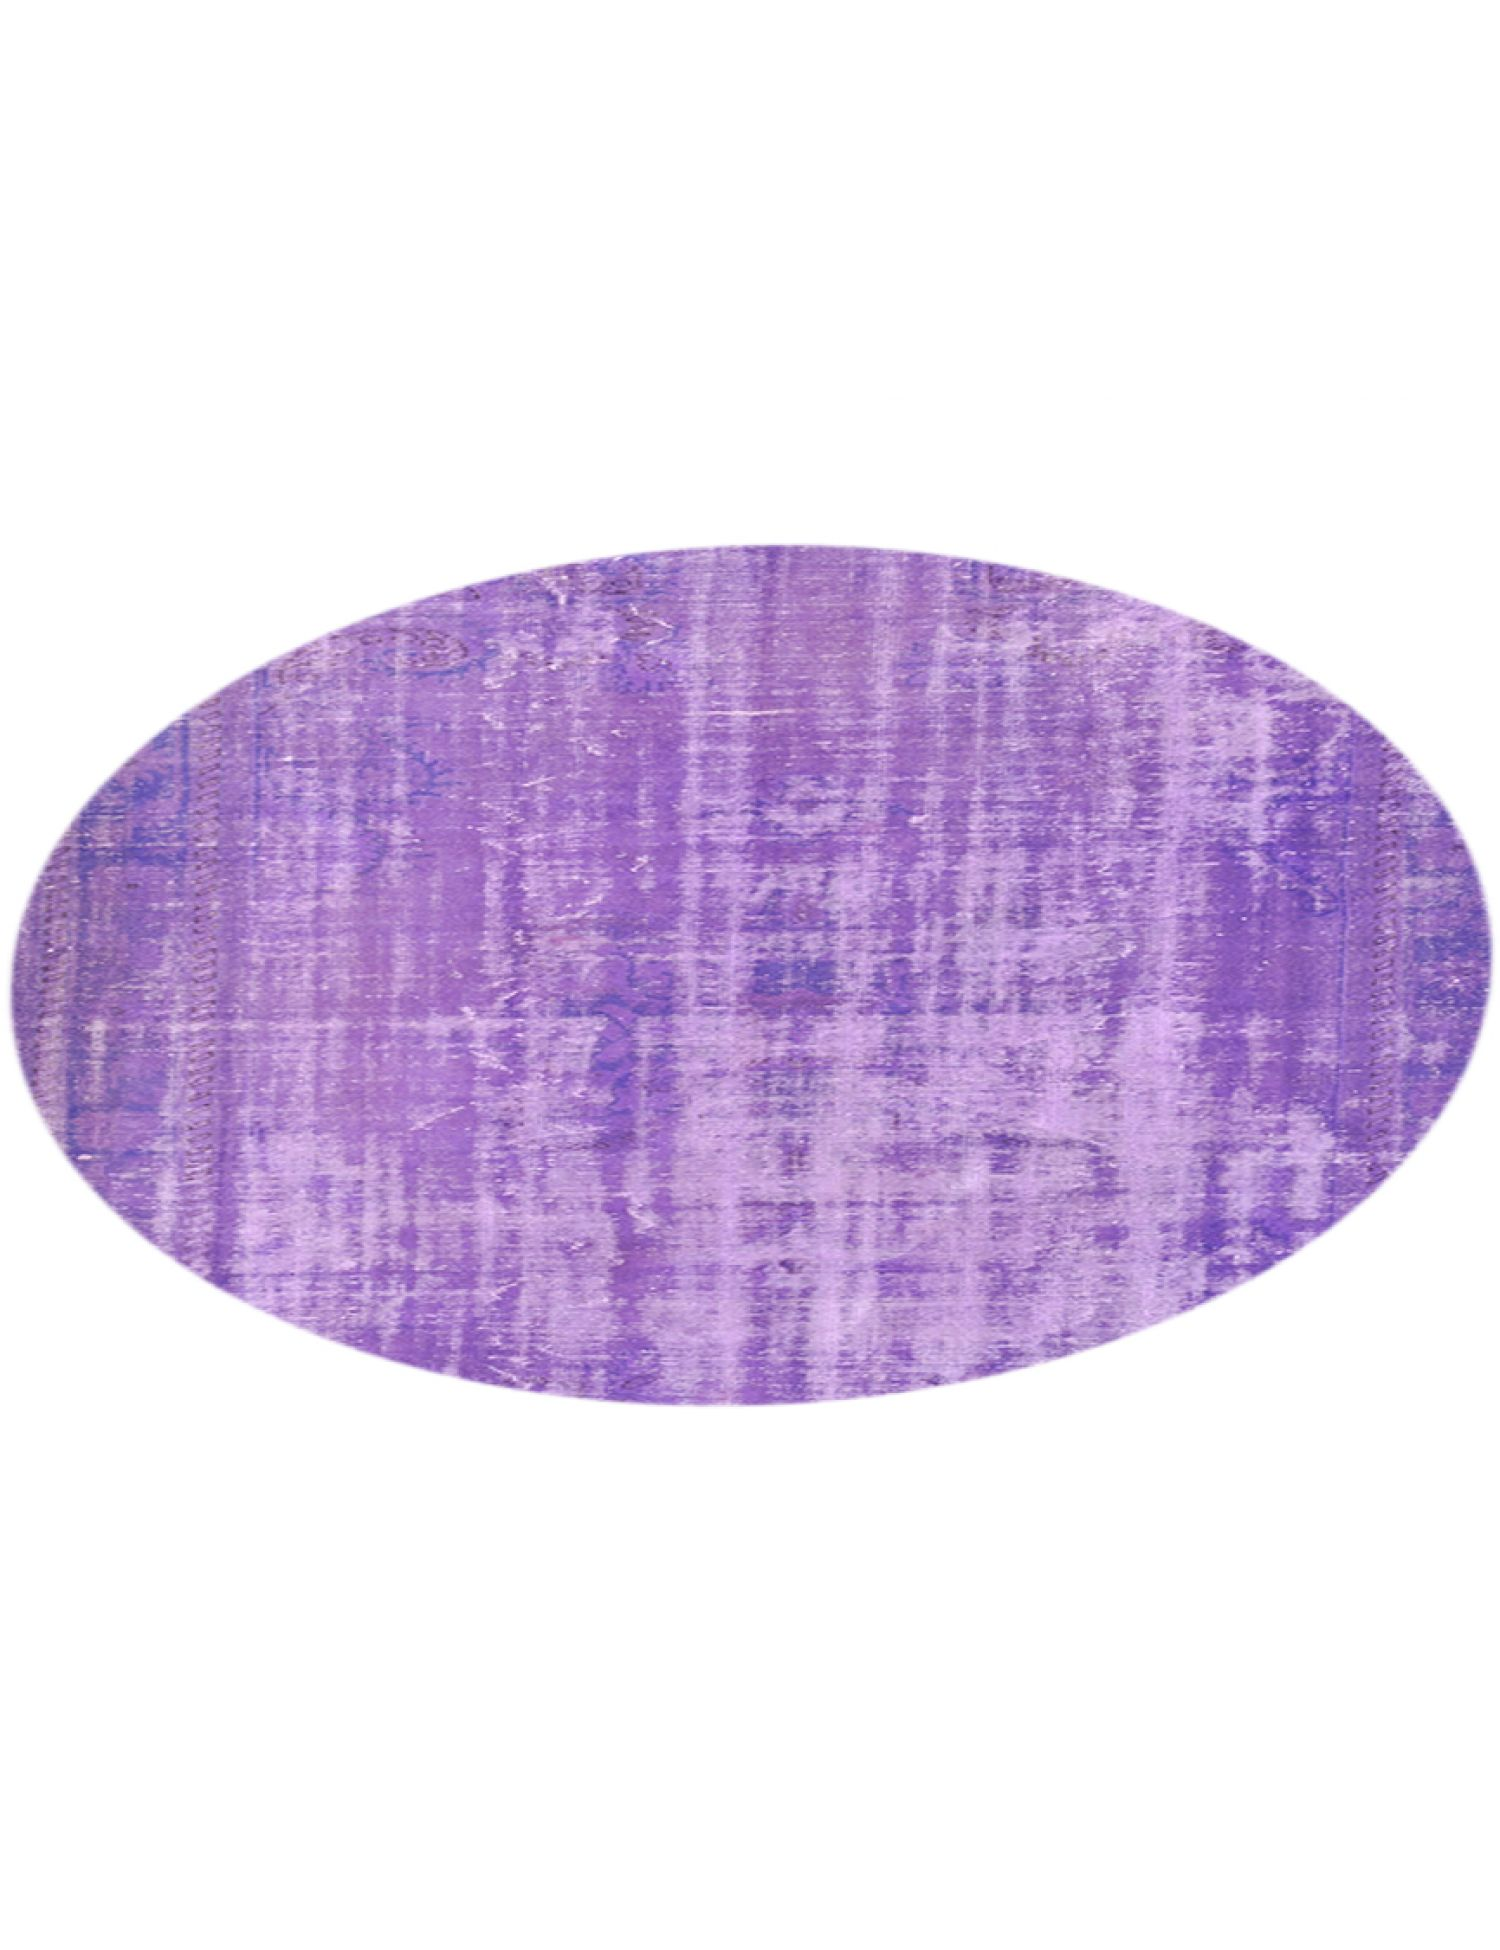 Vintage Teppich rund  lila <br/>217 x 217 cm